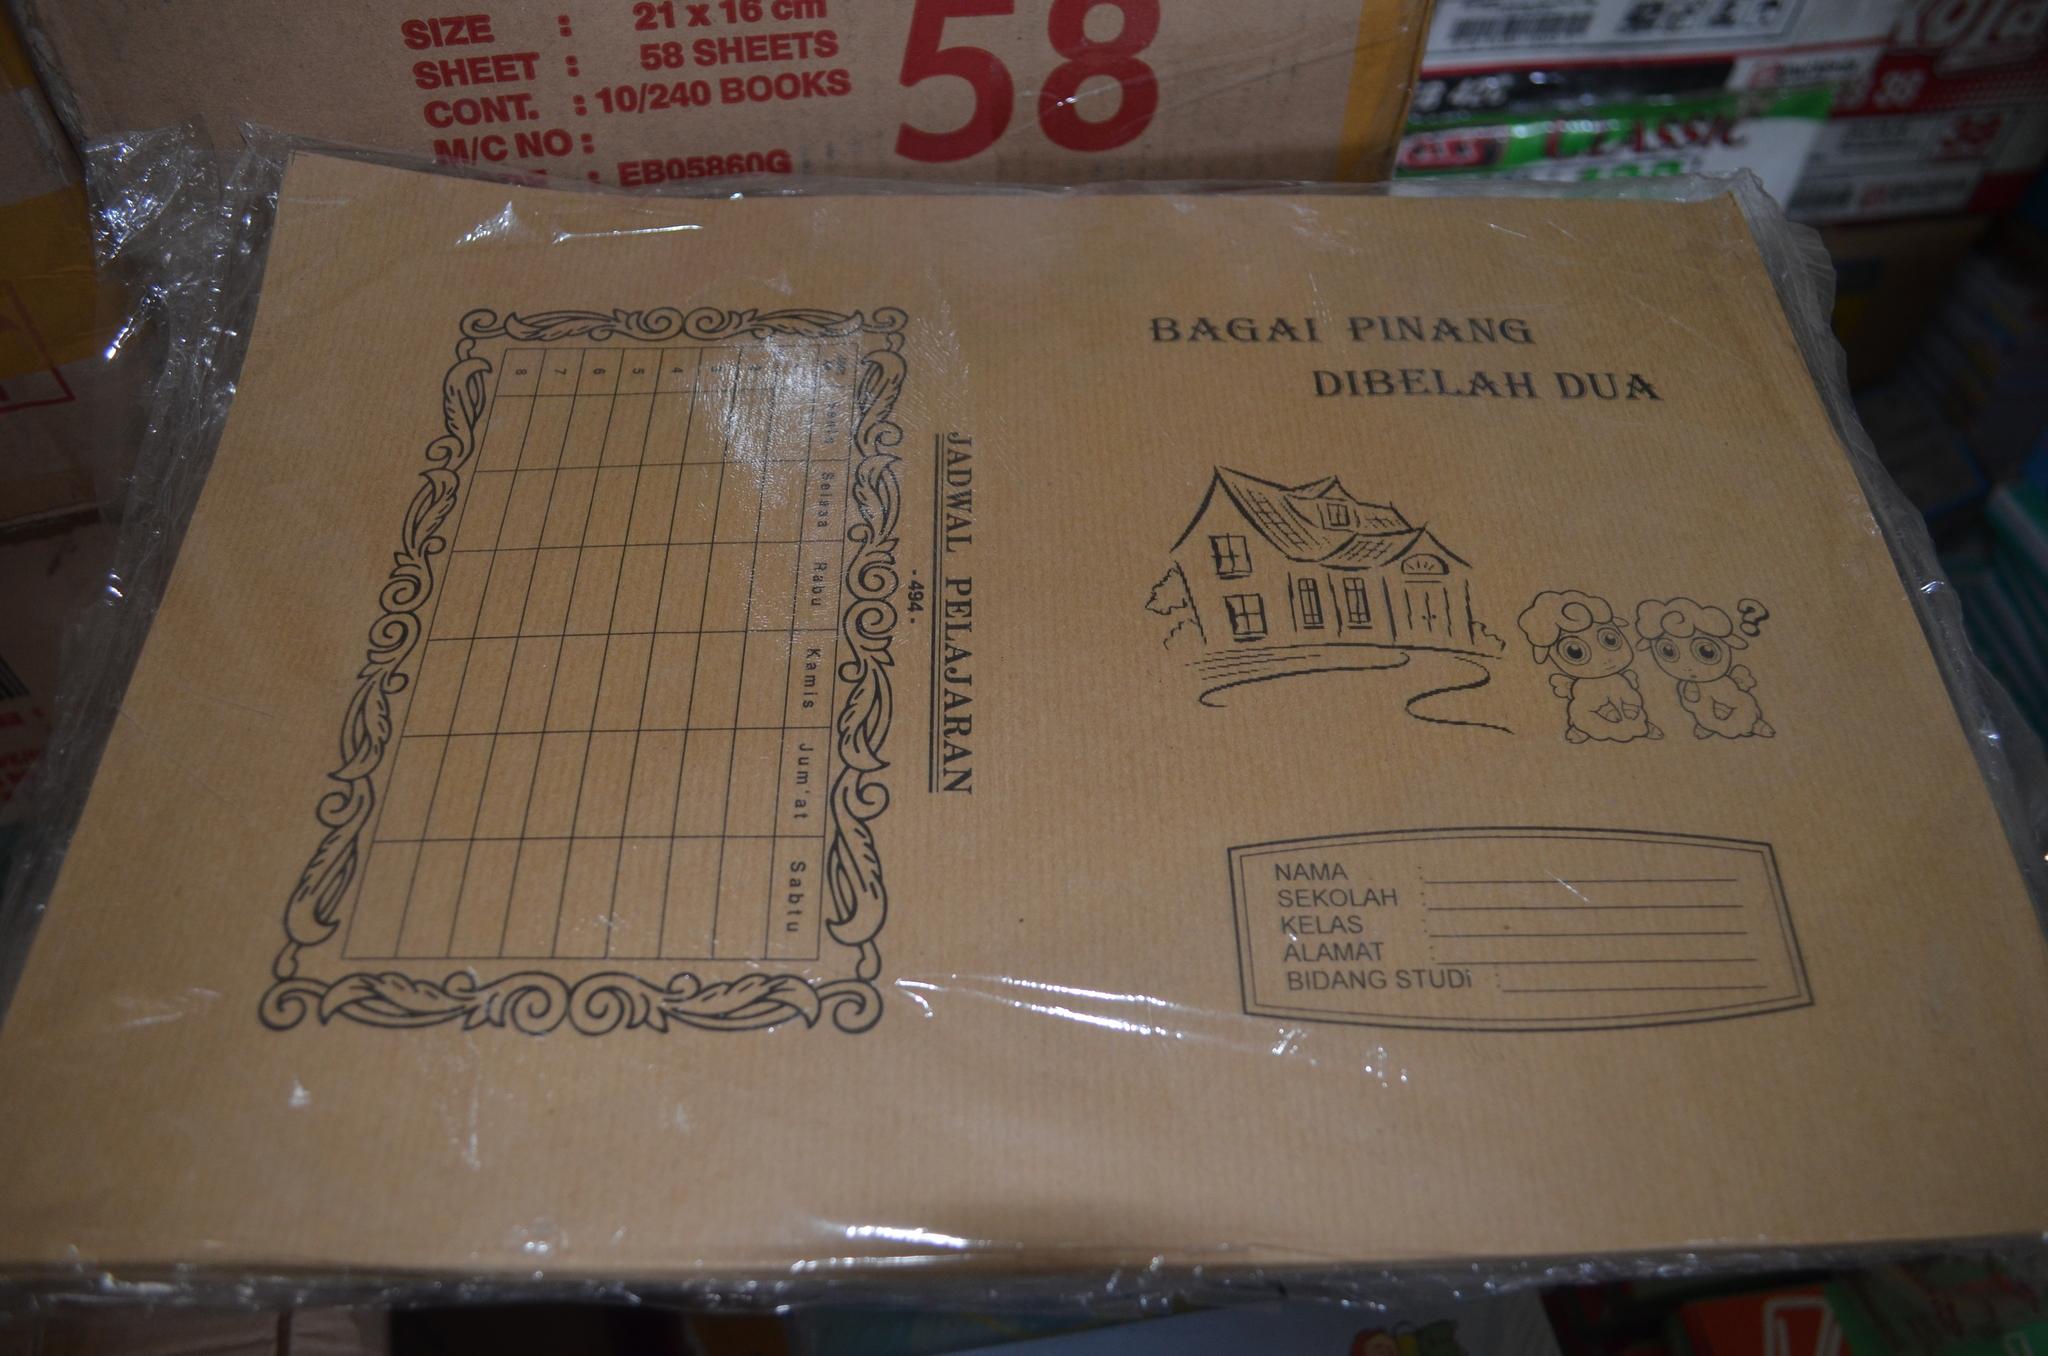 Jual Plastik Sampul Cover Mika Film Polos Folio Label Baru Ekonomis Cj2 Buku Coklat Gambar Beli